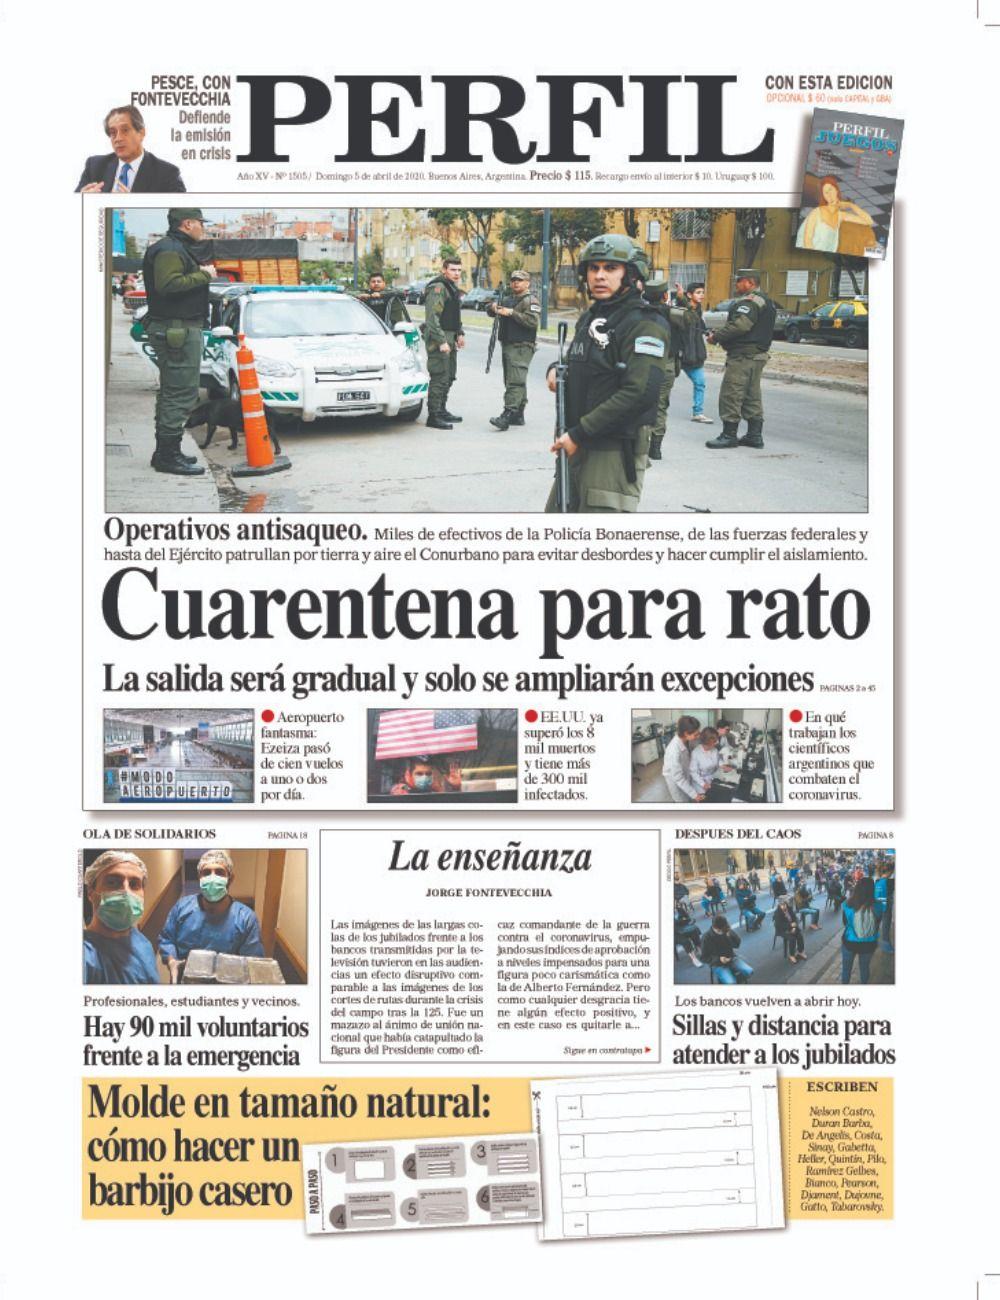 La tapa de Diario PERFIL de este domingo 5 de abril de 2020